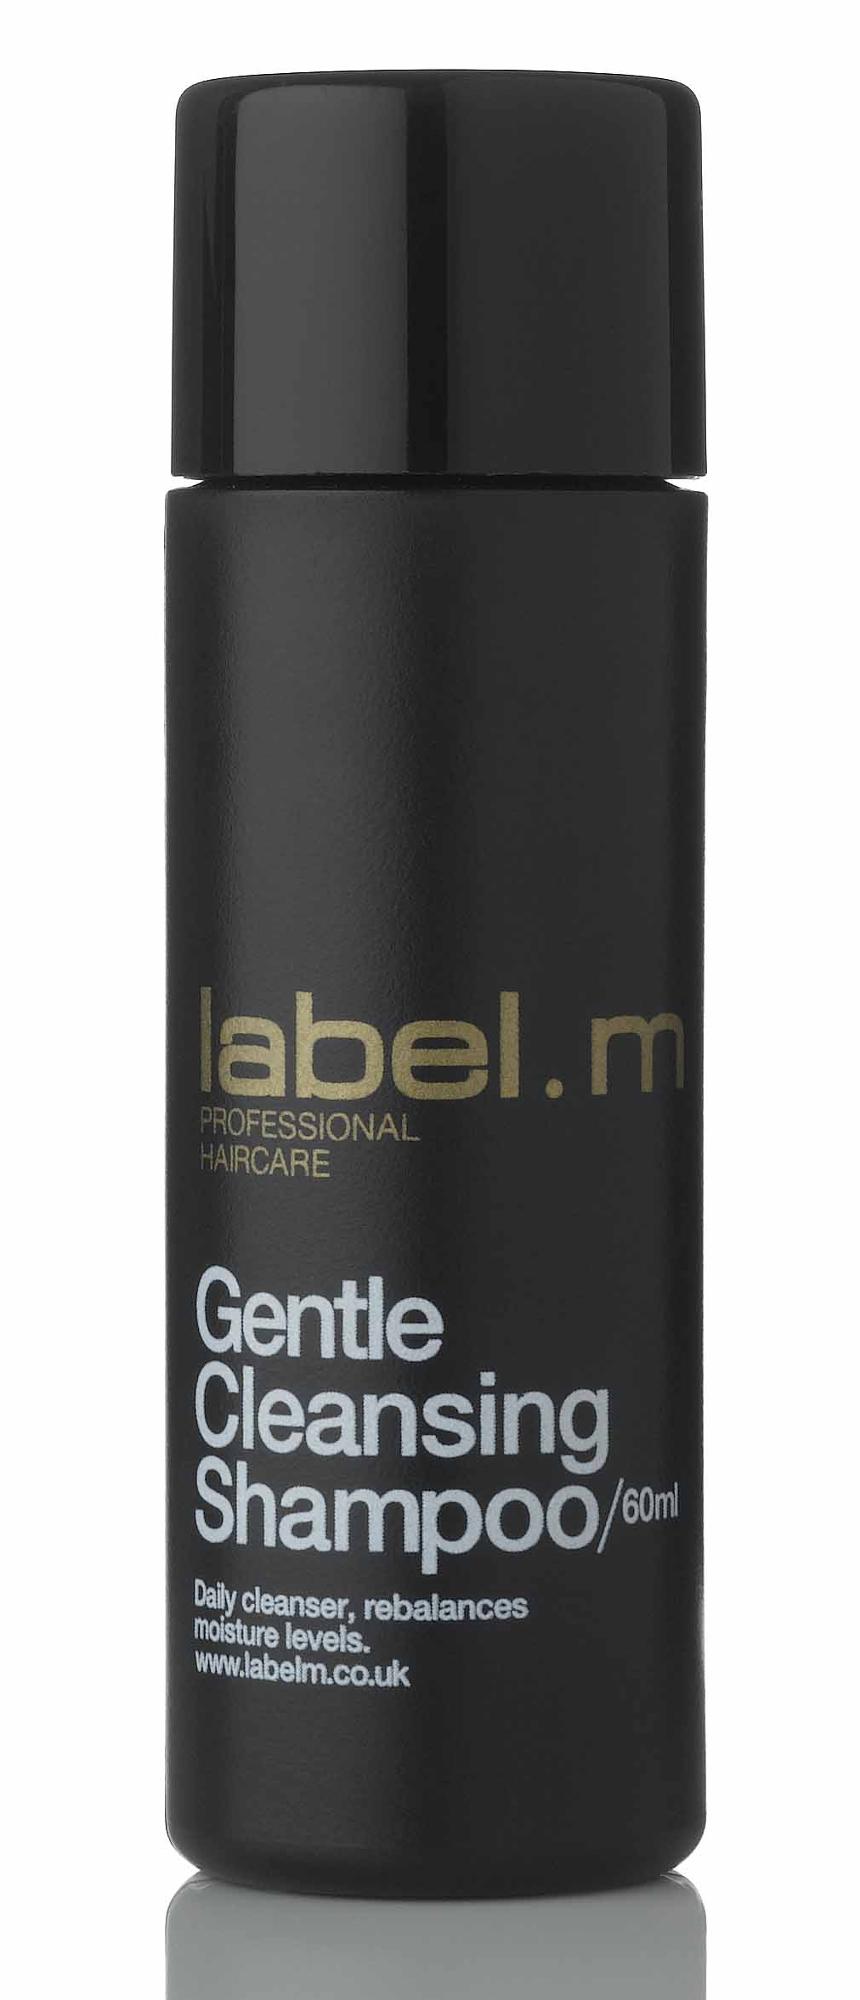 Čisticí šampon pro všechny typy vlasů Label.m Gentle Cleansing - 60 ml (600151)